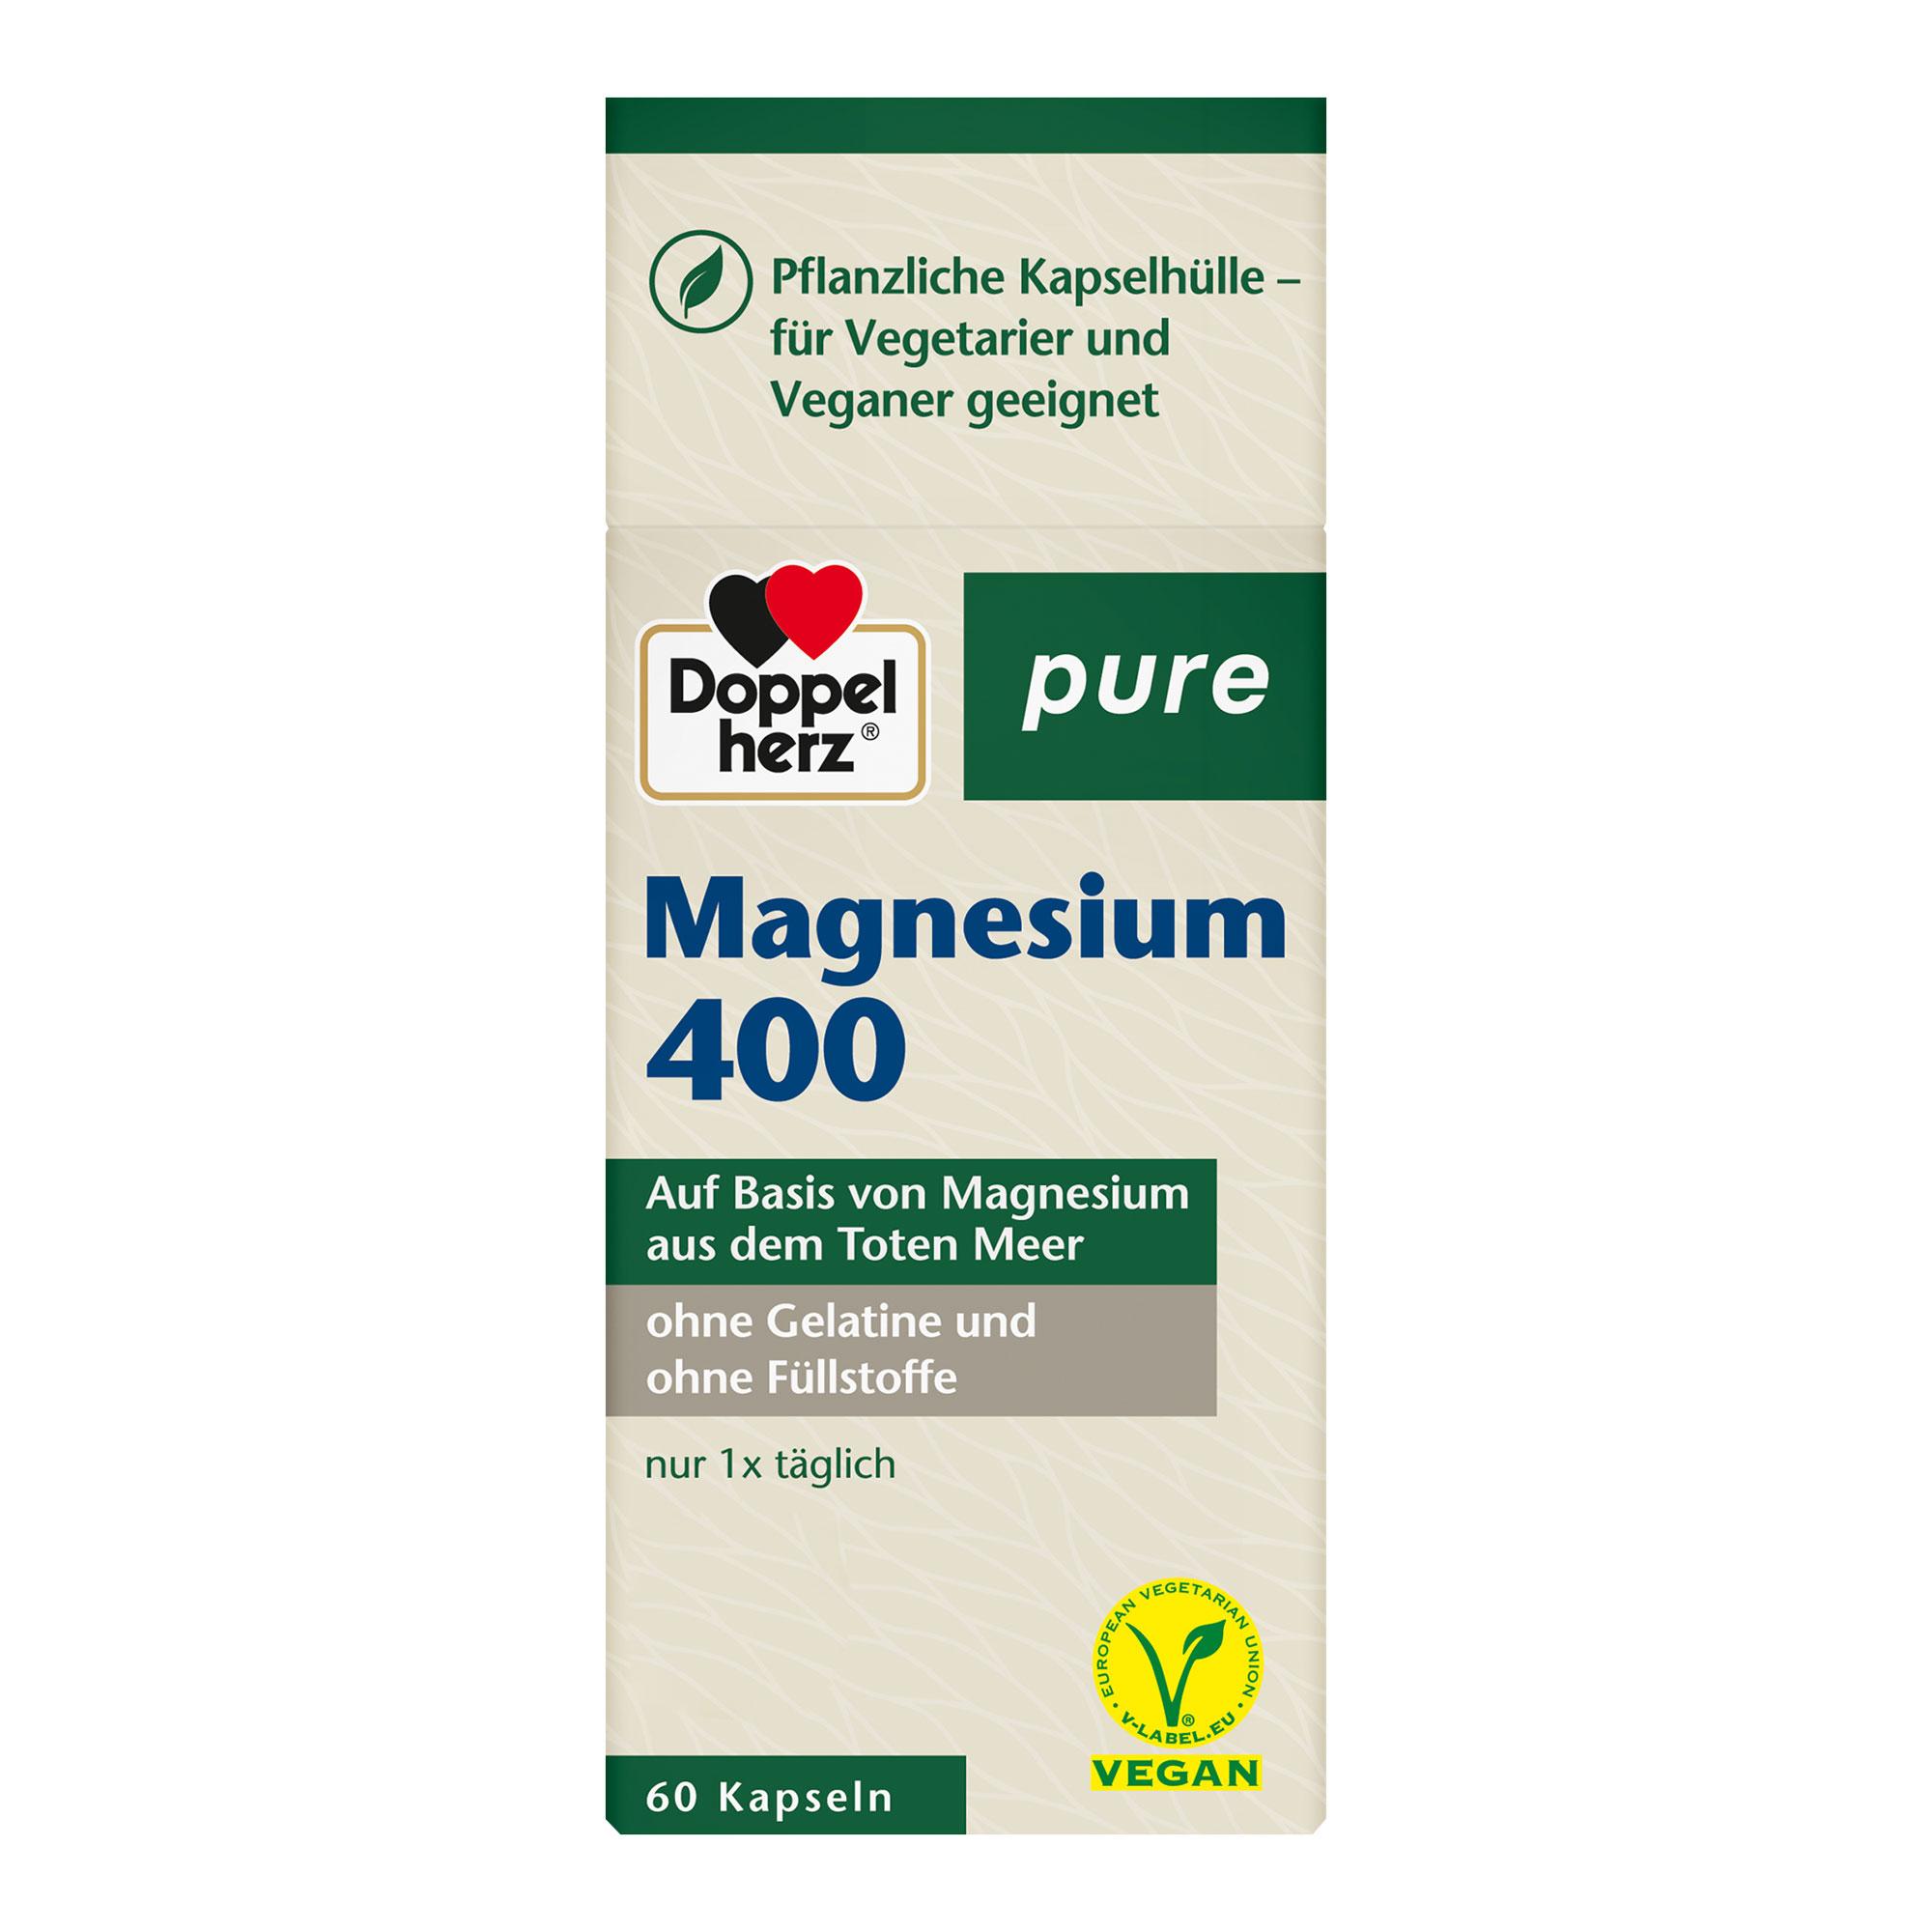 Gesundheit & Wohlbefinden Doppelherz pure Magnesium 400 Kapseln